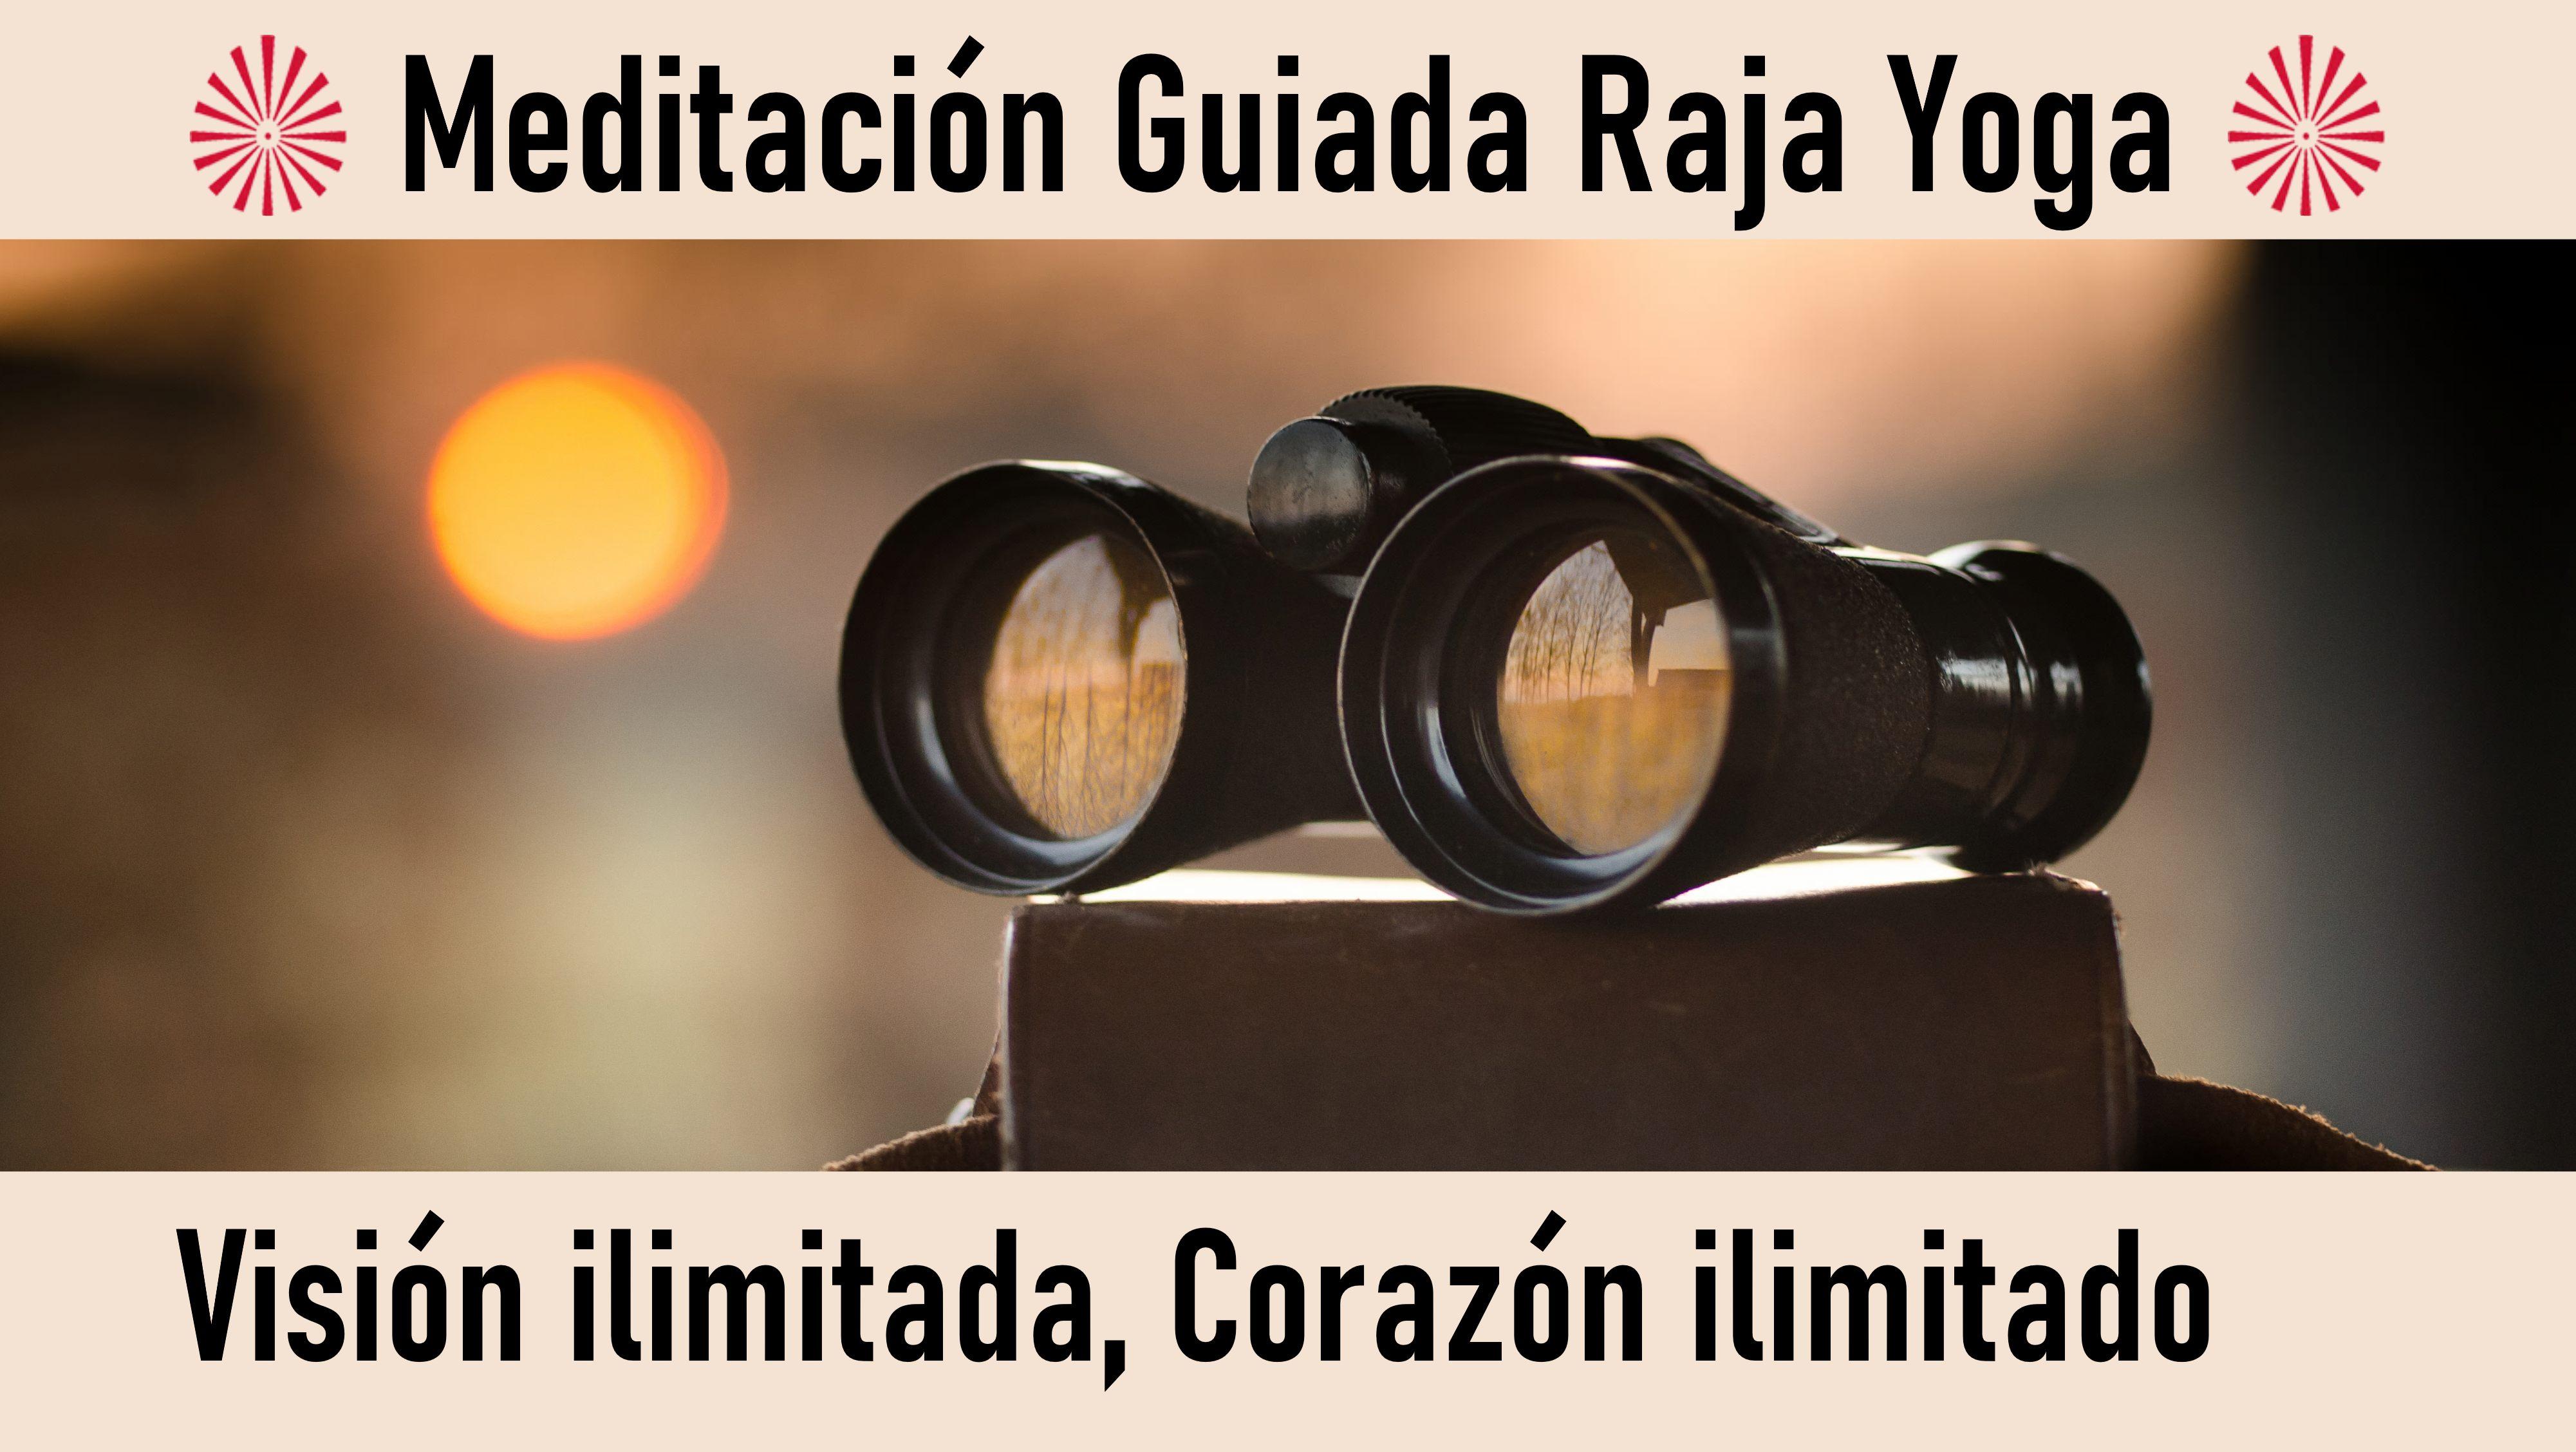 Meditación Raja Yoga: Visión ilimitada, Corazón ilimitado (4 Octubre 2020) On-line desde Valencia